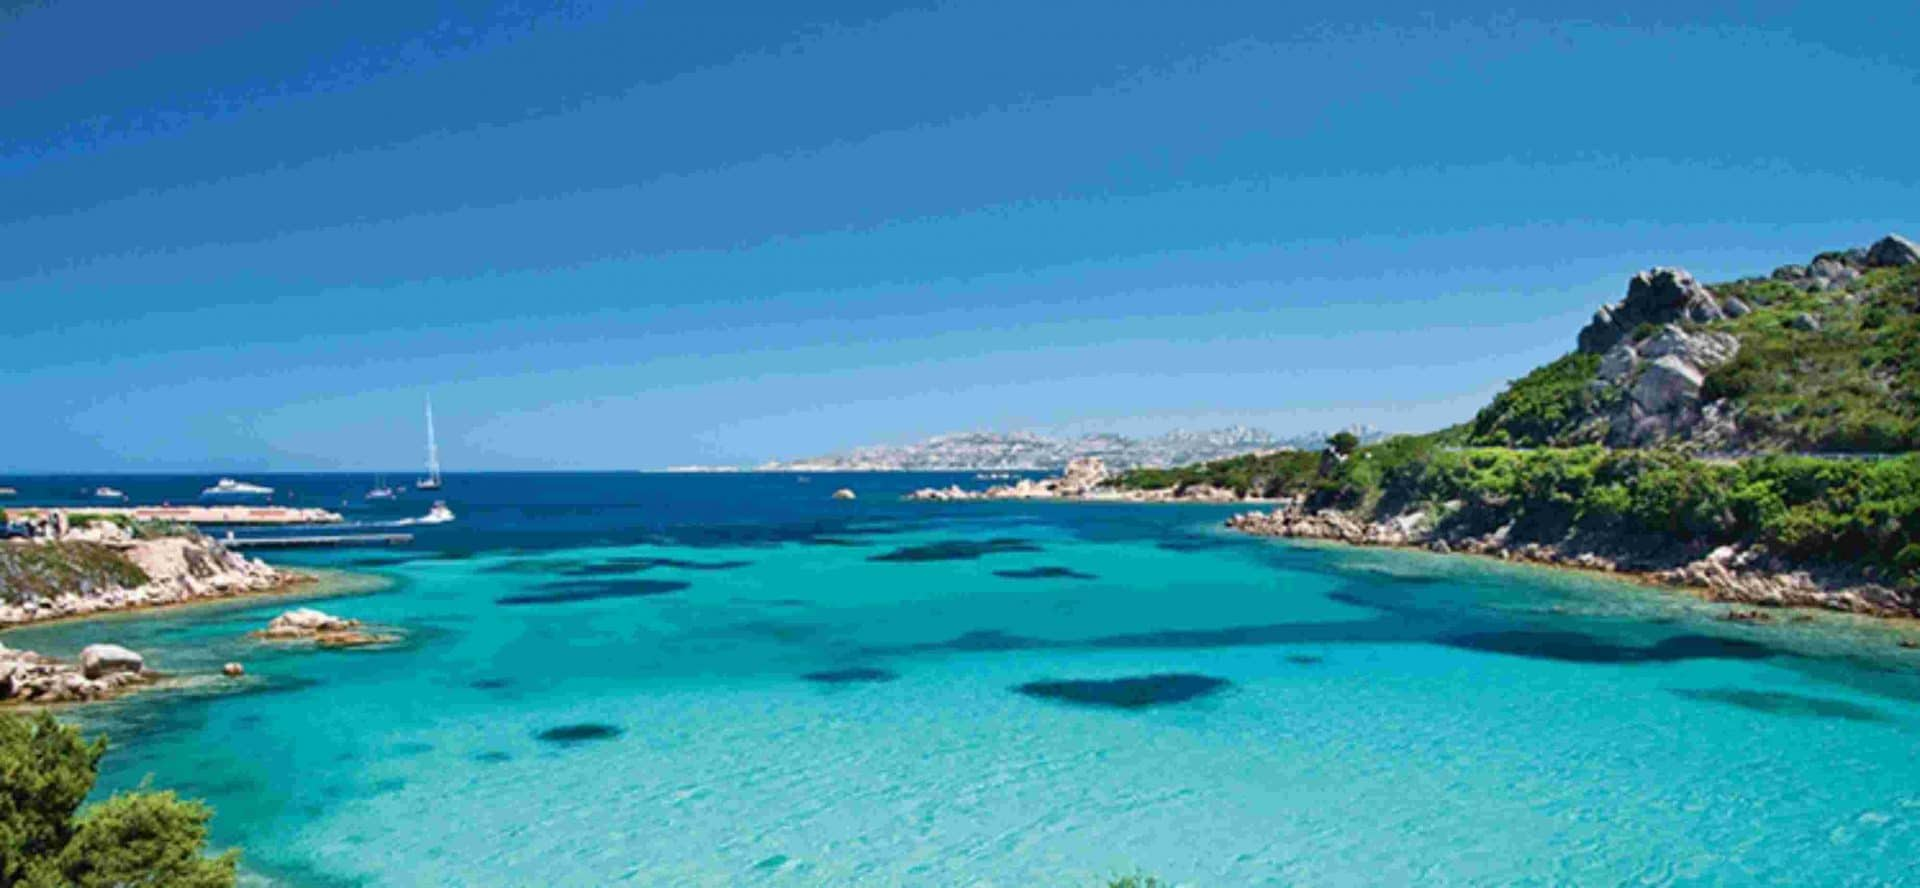 Itinerario lungo la costa nord della Sardegna